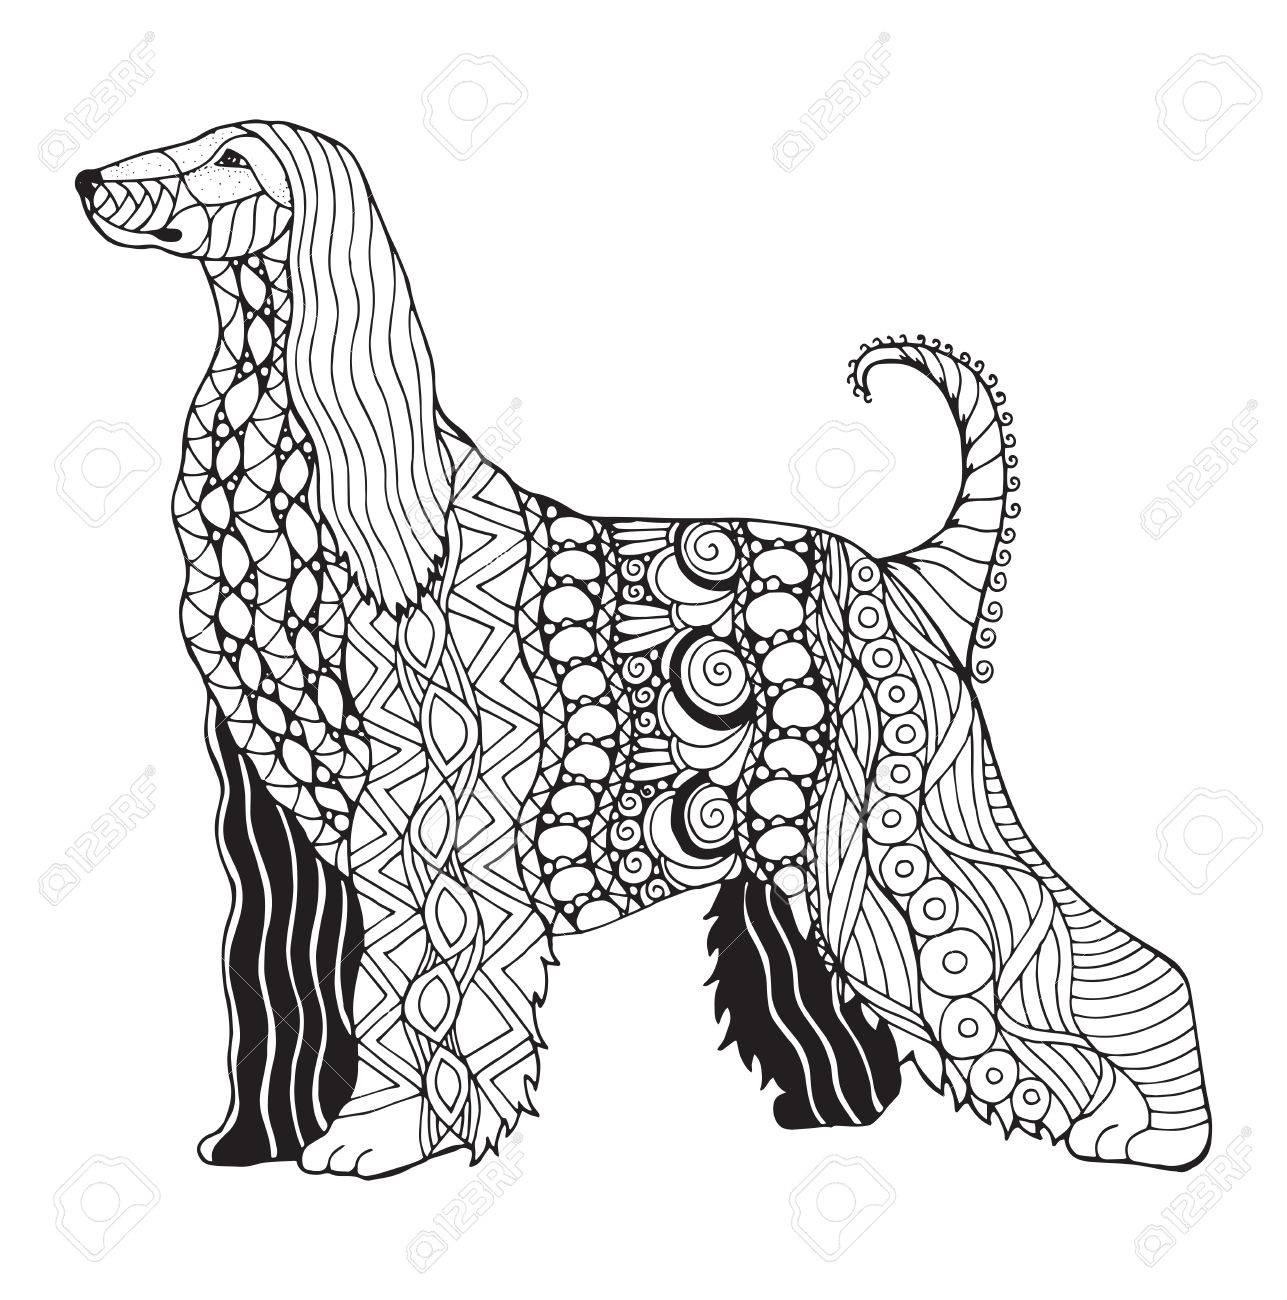 Zentangle De Chien De Chasse Afghan Stylisé Vecteur Illustration Crayon à Main Levée Modèle Art Zen Illustration Noir Et Blanche Sur Fond Blanc